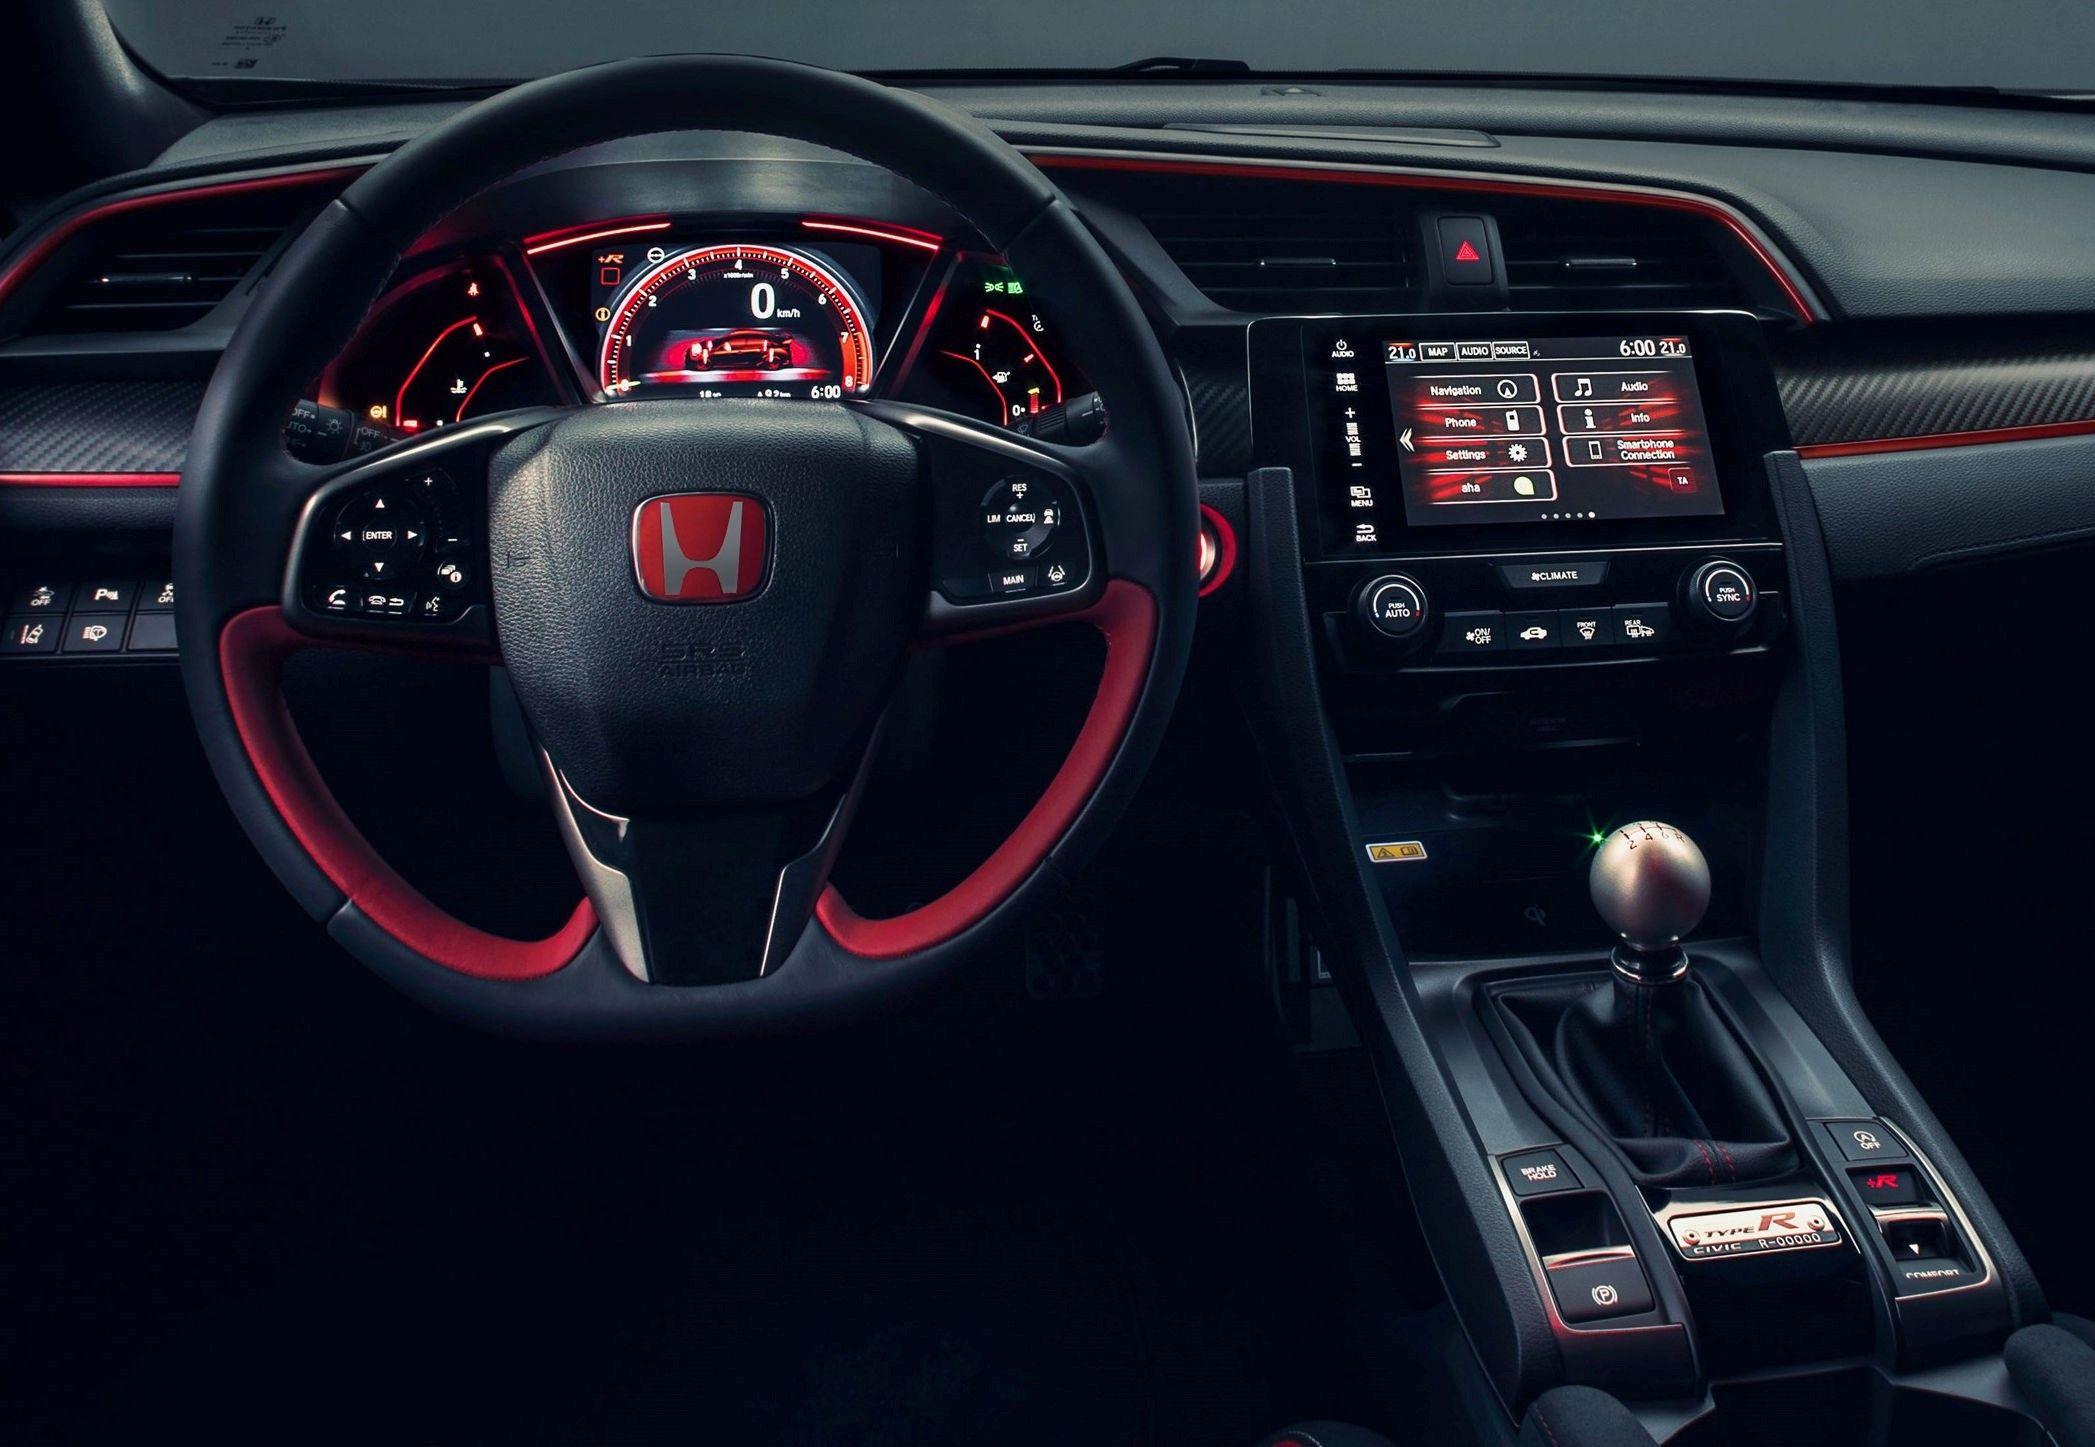 13 Amazing Best Sport Car 2019 In 2020 Honda Civic Type R Honda Civic Car Honda Civic Hatchback